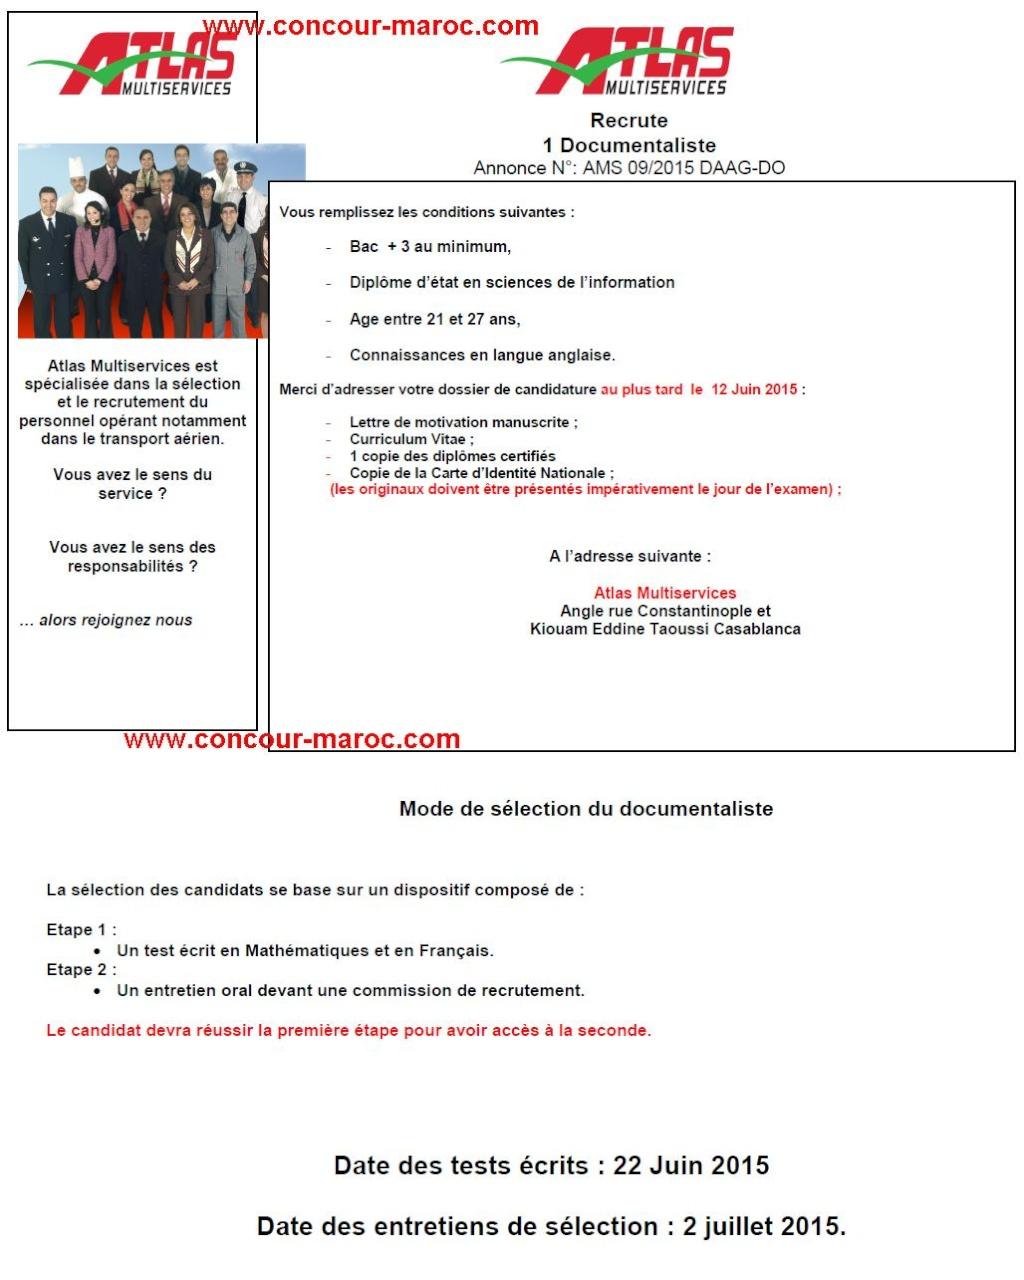 أطلس اون لاين/ الخطوط الملكية المغربية : مباراة لتوظيف وكيل (3 مناصب) و عون توثيق (1 منصب) و مخطط مواقيت الطيران (1 منصب) آخر أجل لإيداع الترشيحات 12 يونيو 2015 Conco177